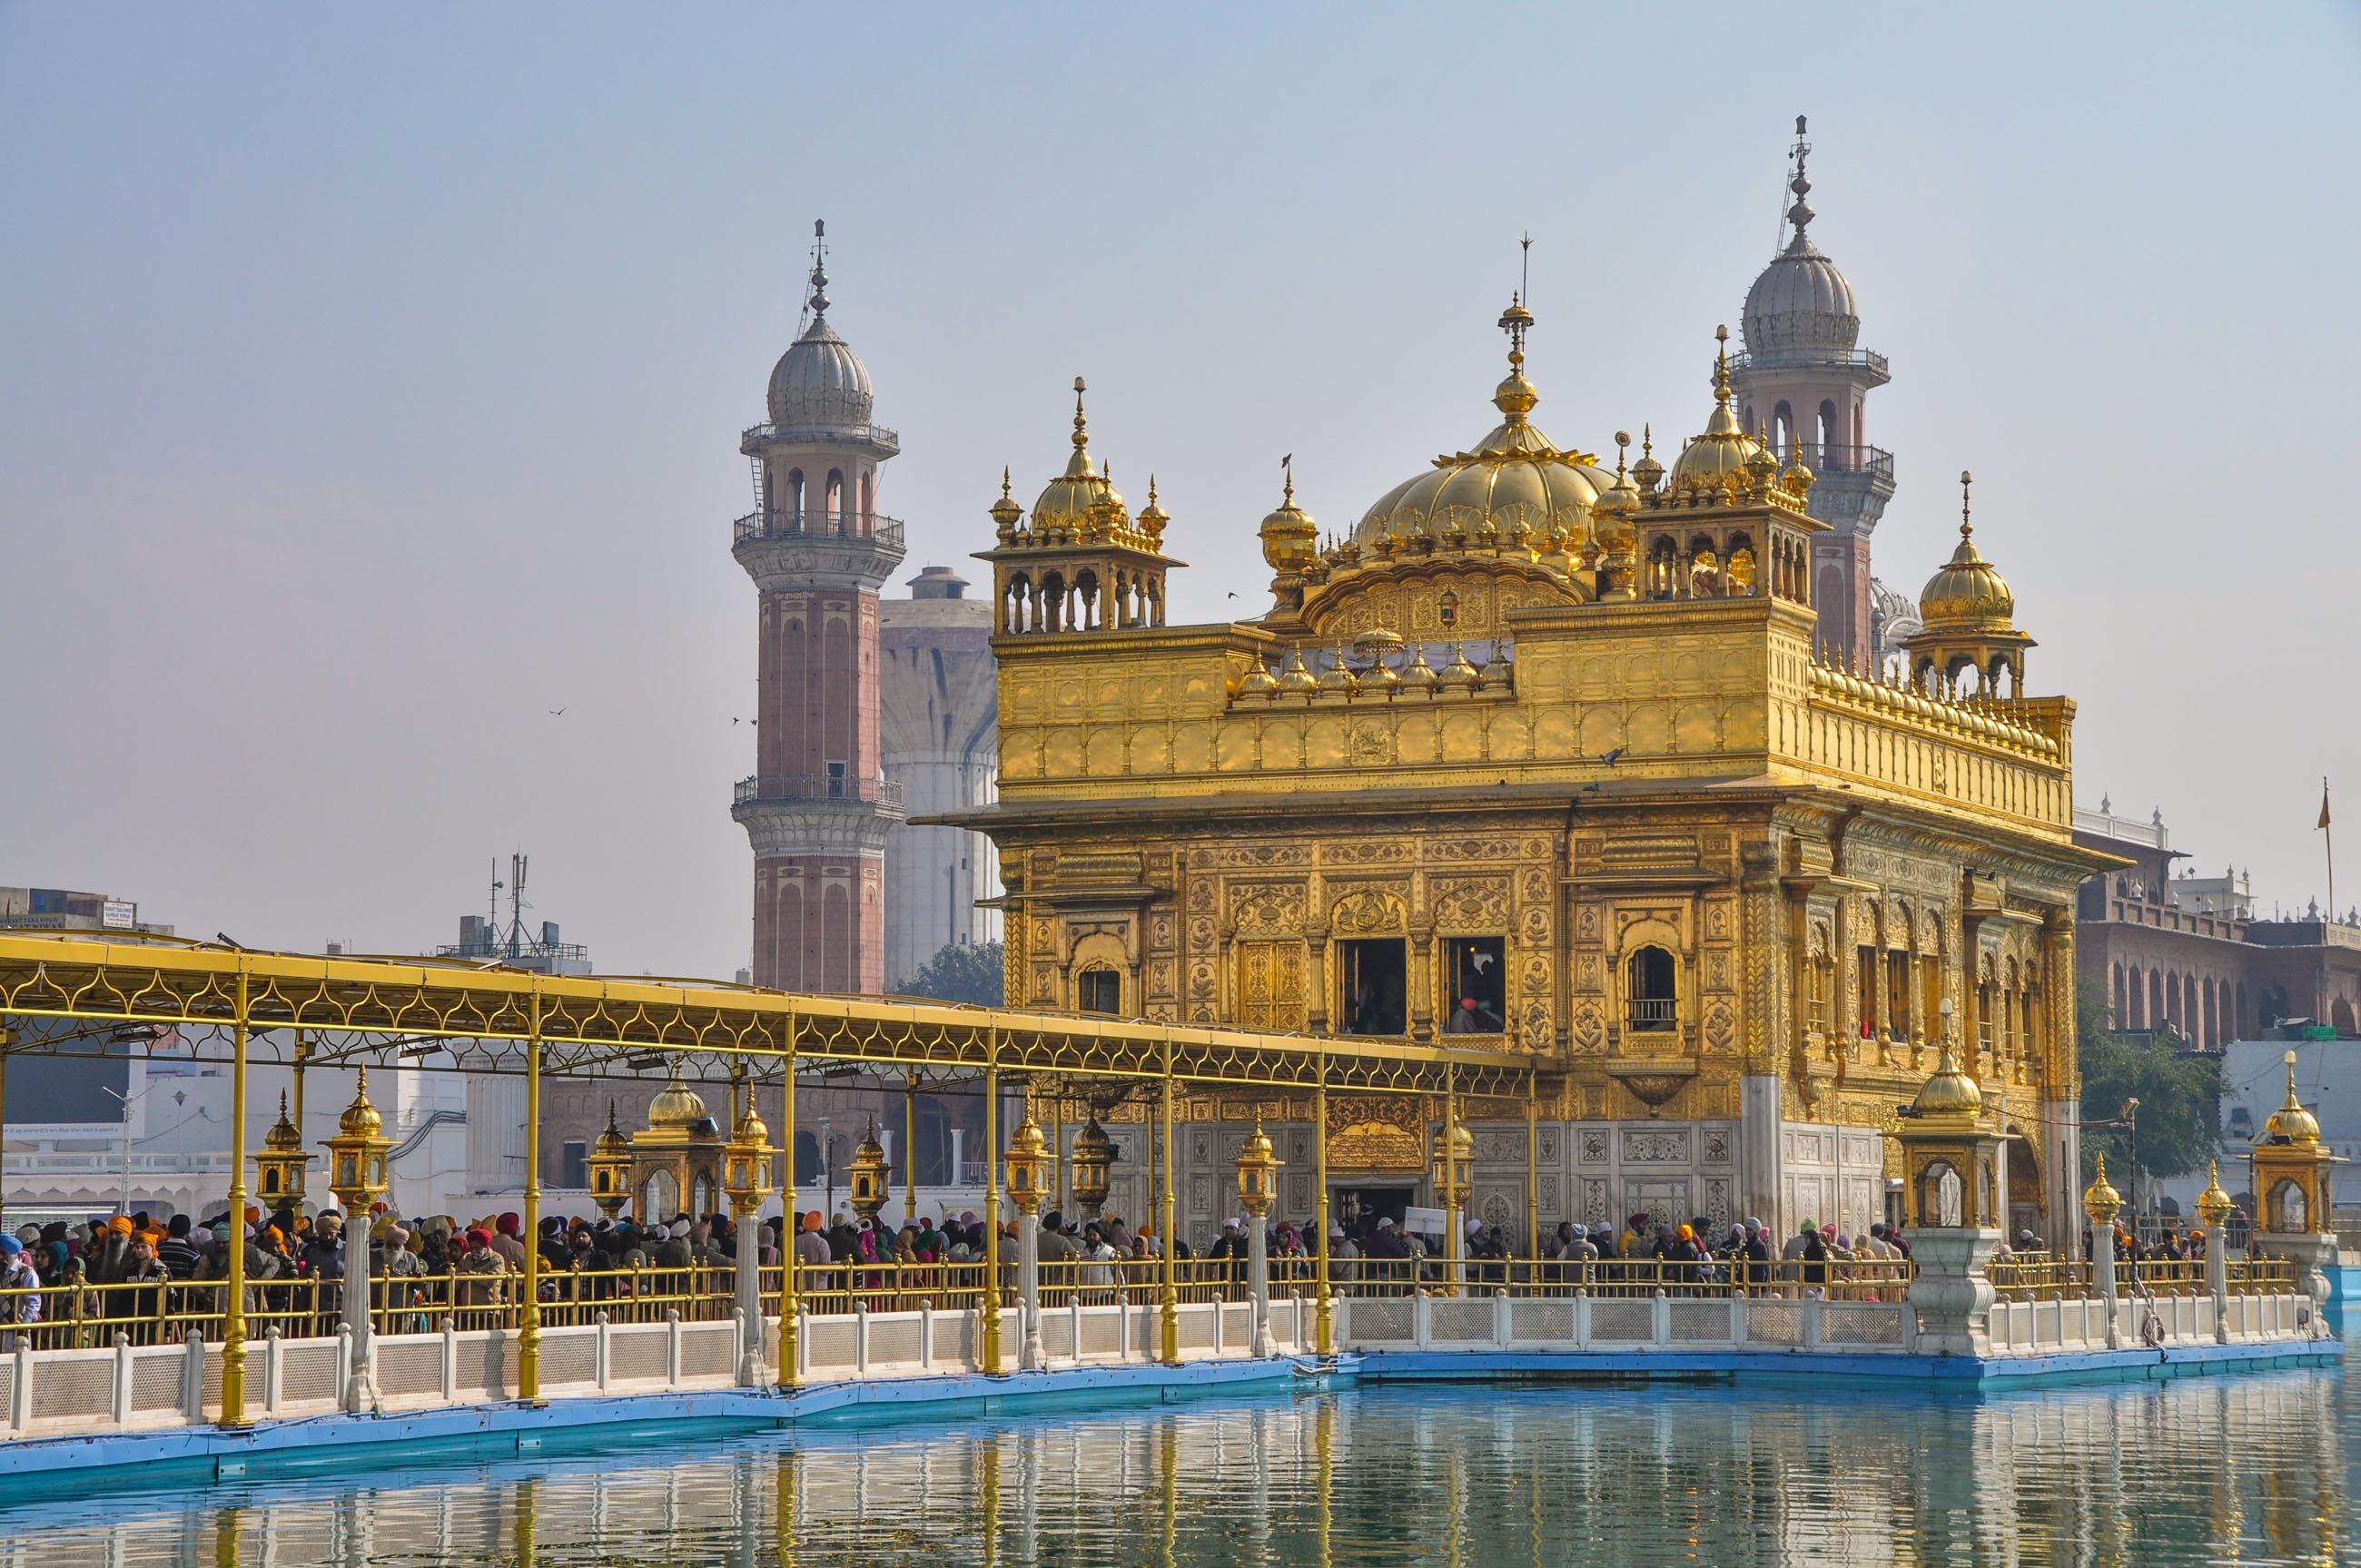 https://bubo.sk/uploads/galleries/4920/tomas_kubus_india_amritsar_dsc_0160.jpg